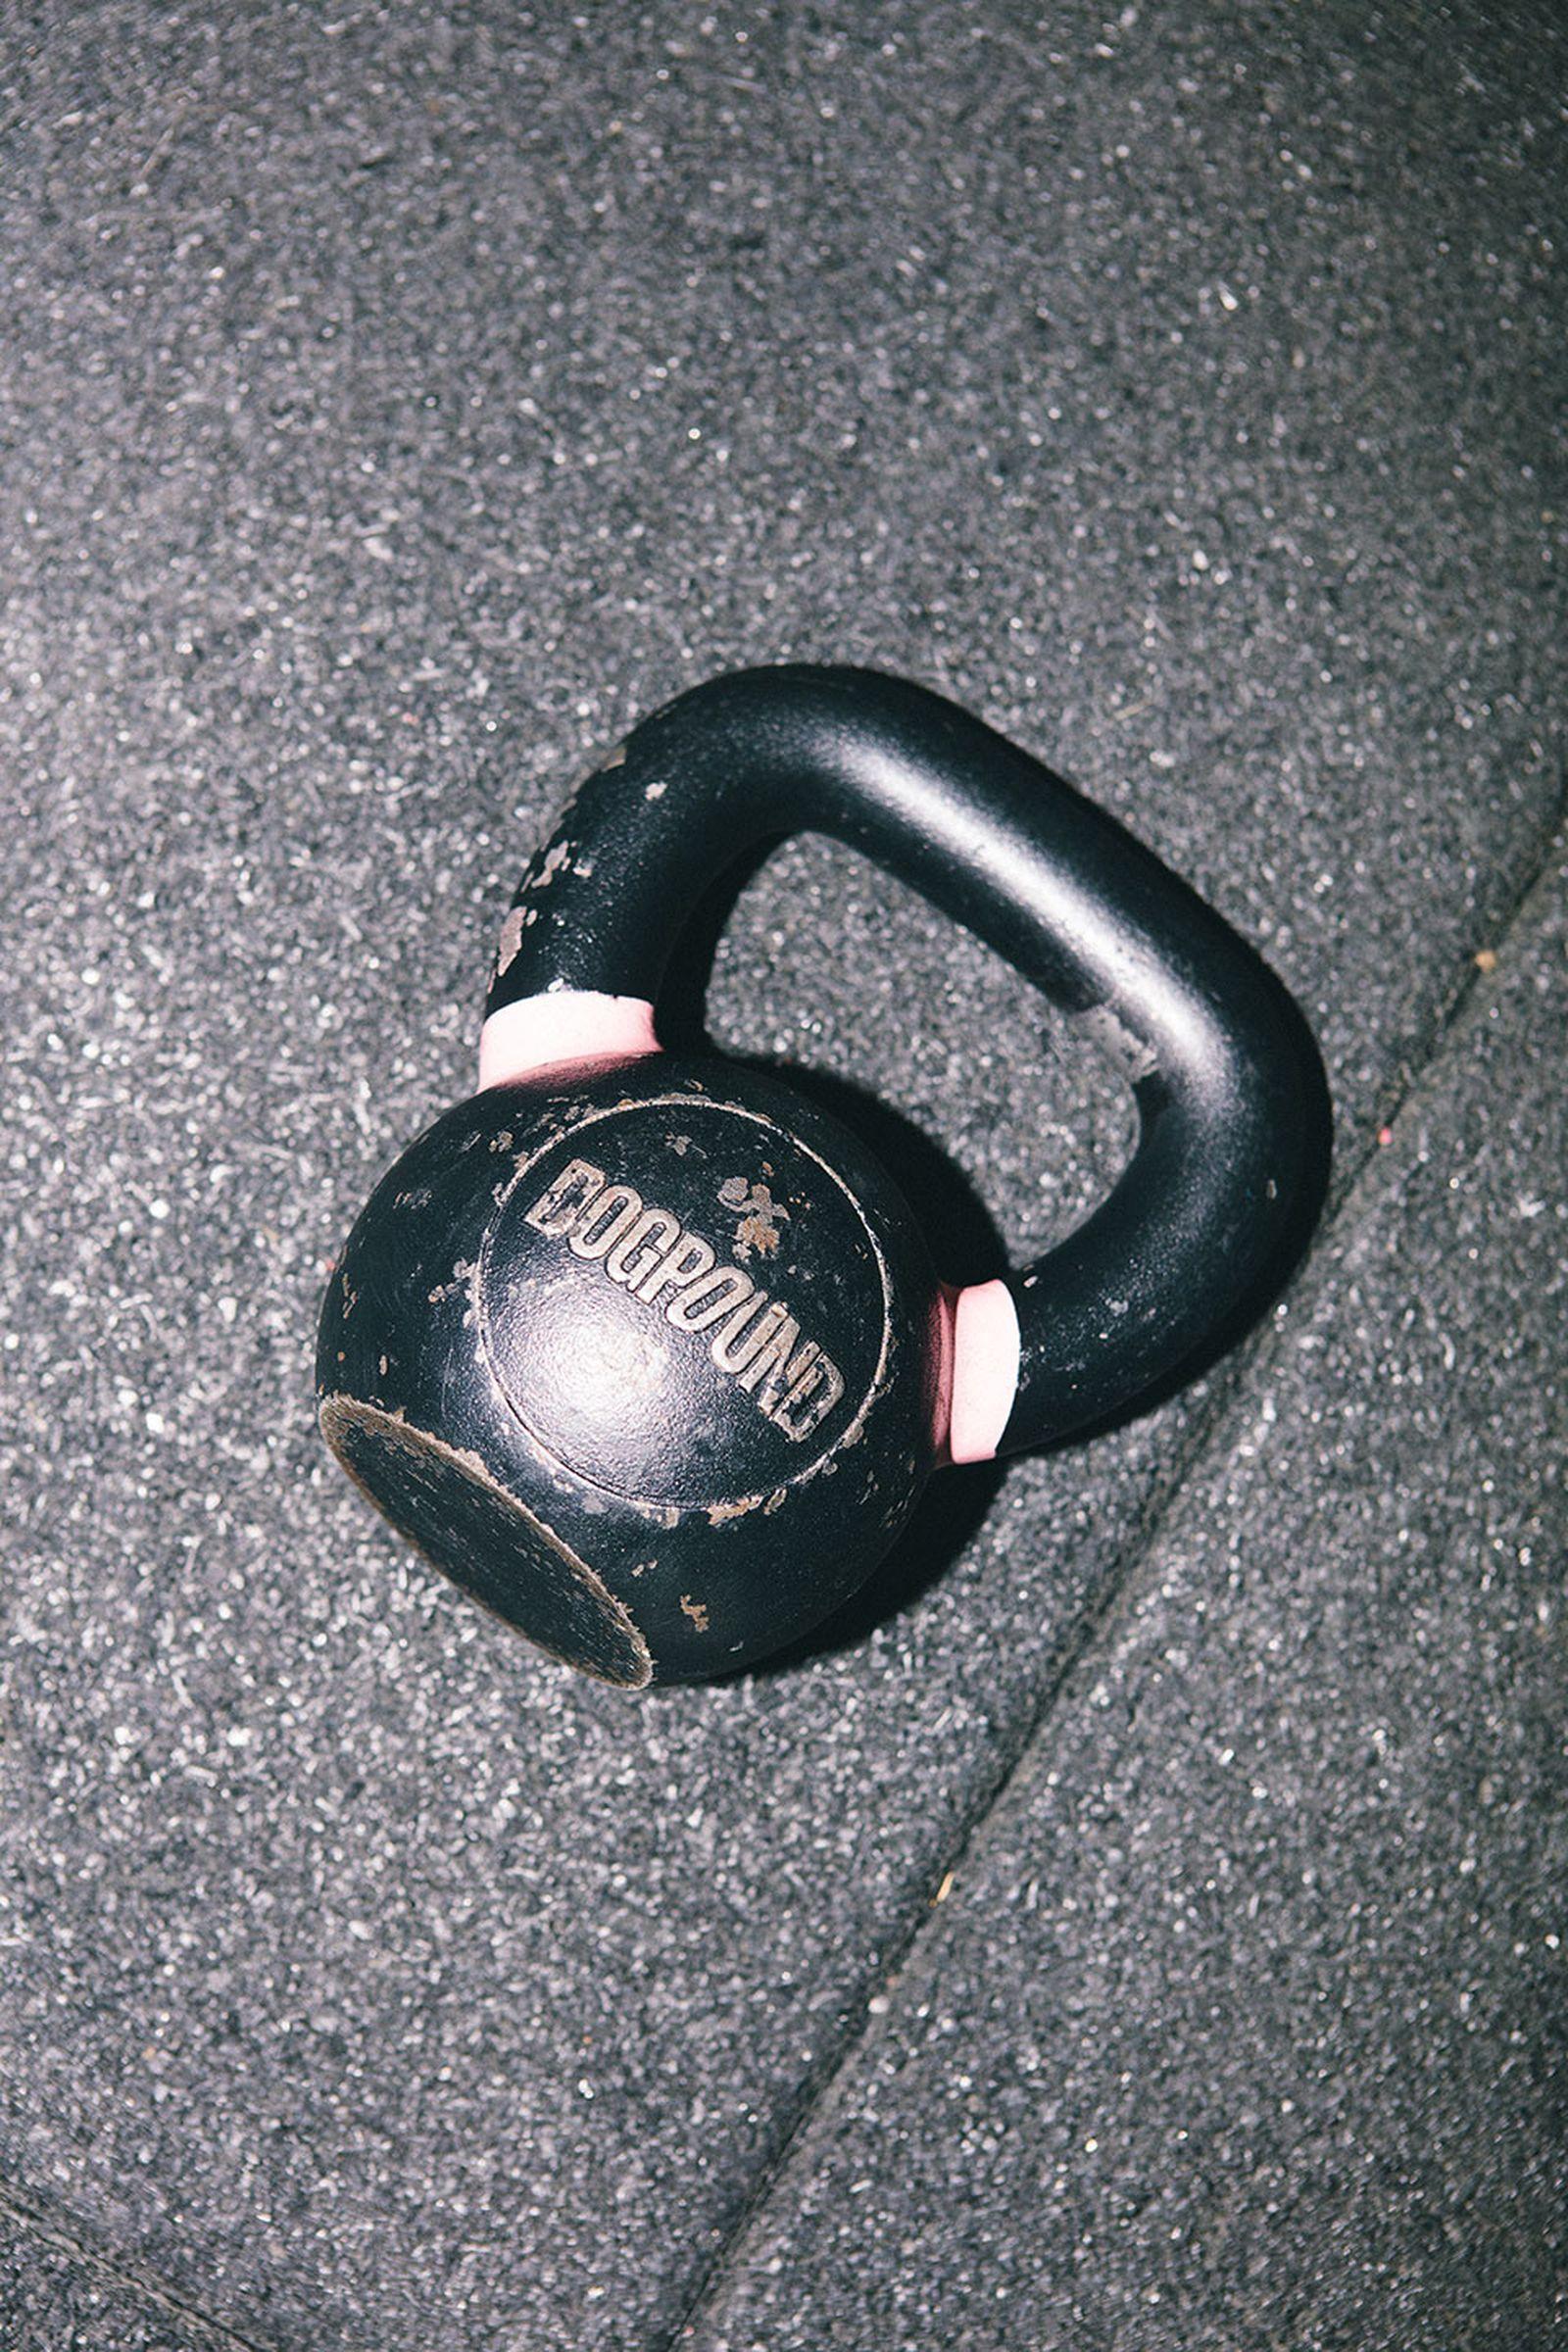 dogpound-gym-nyc-07